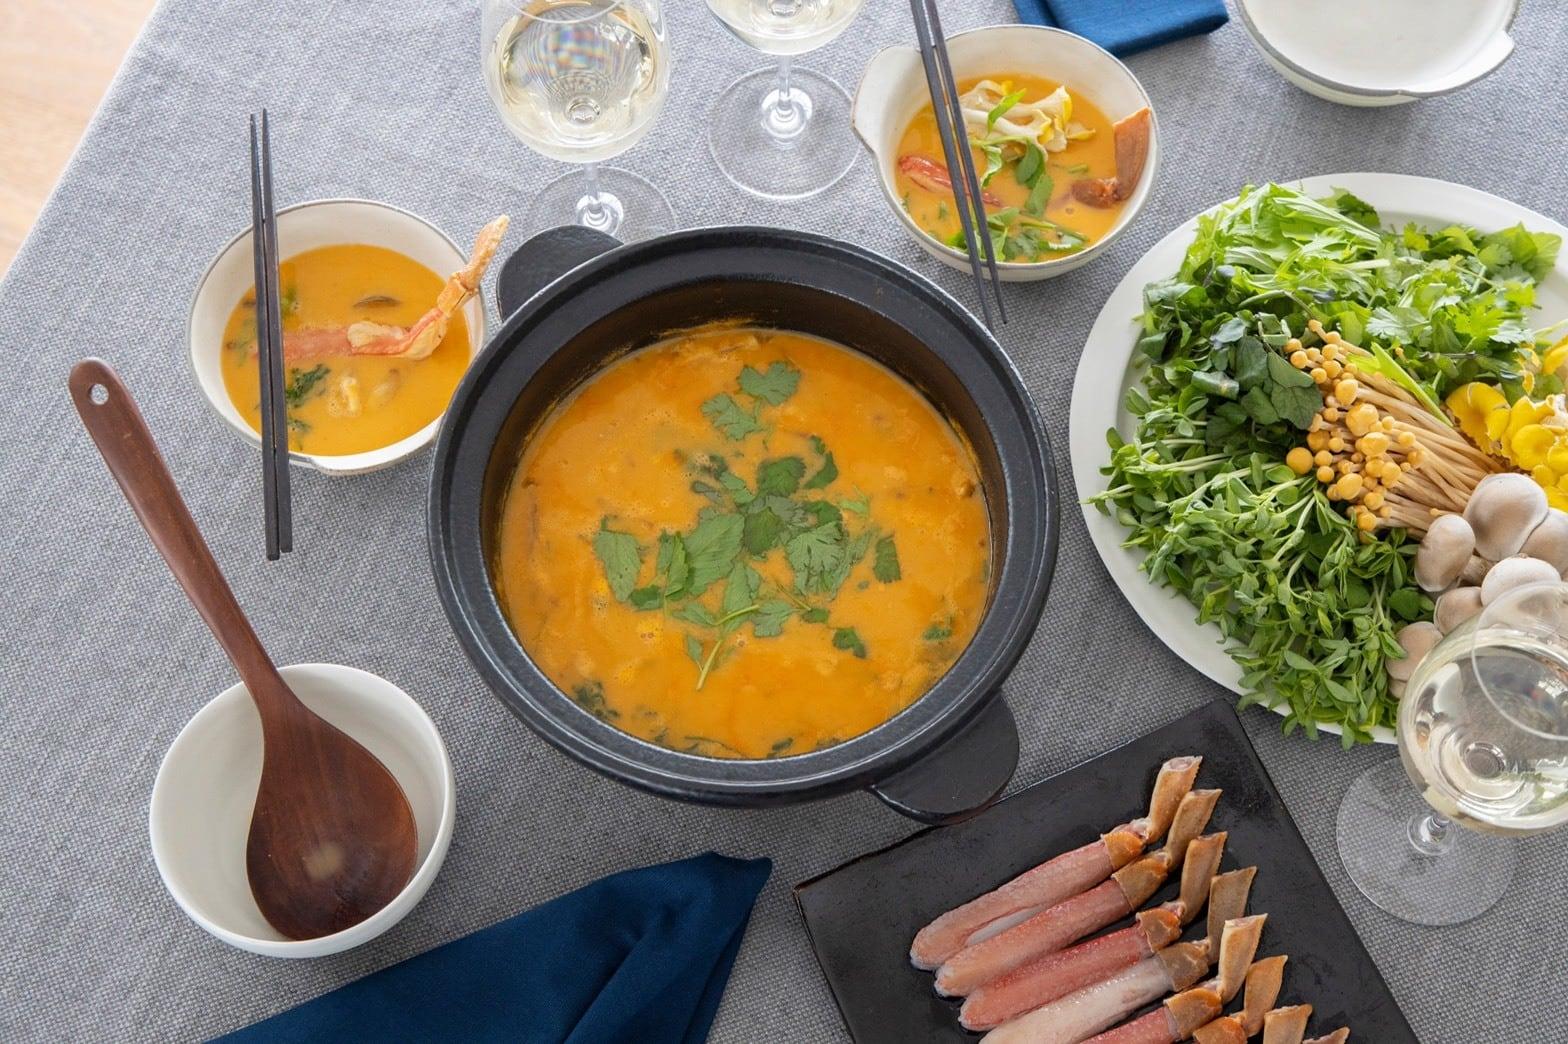 濃厚うにスープのみ (629ml×2袋)